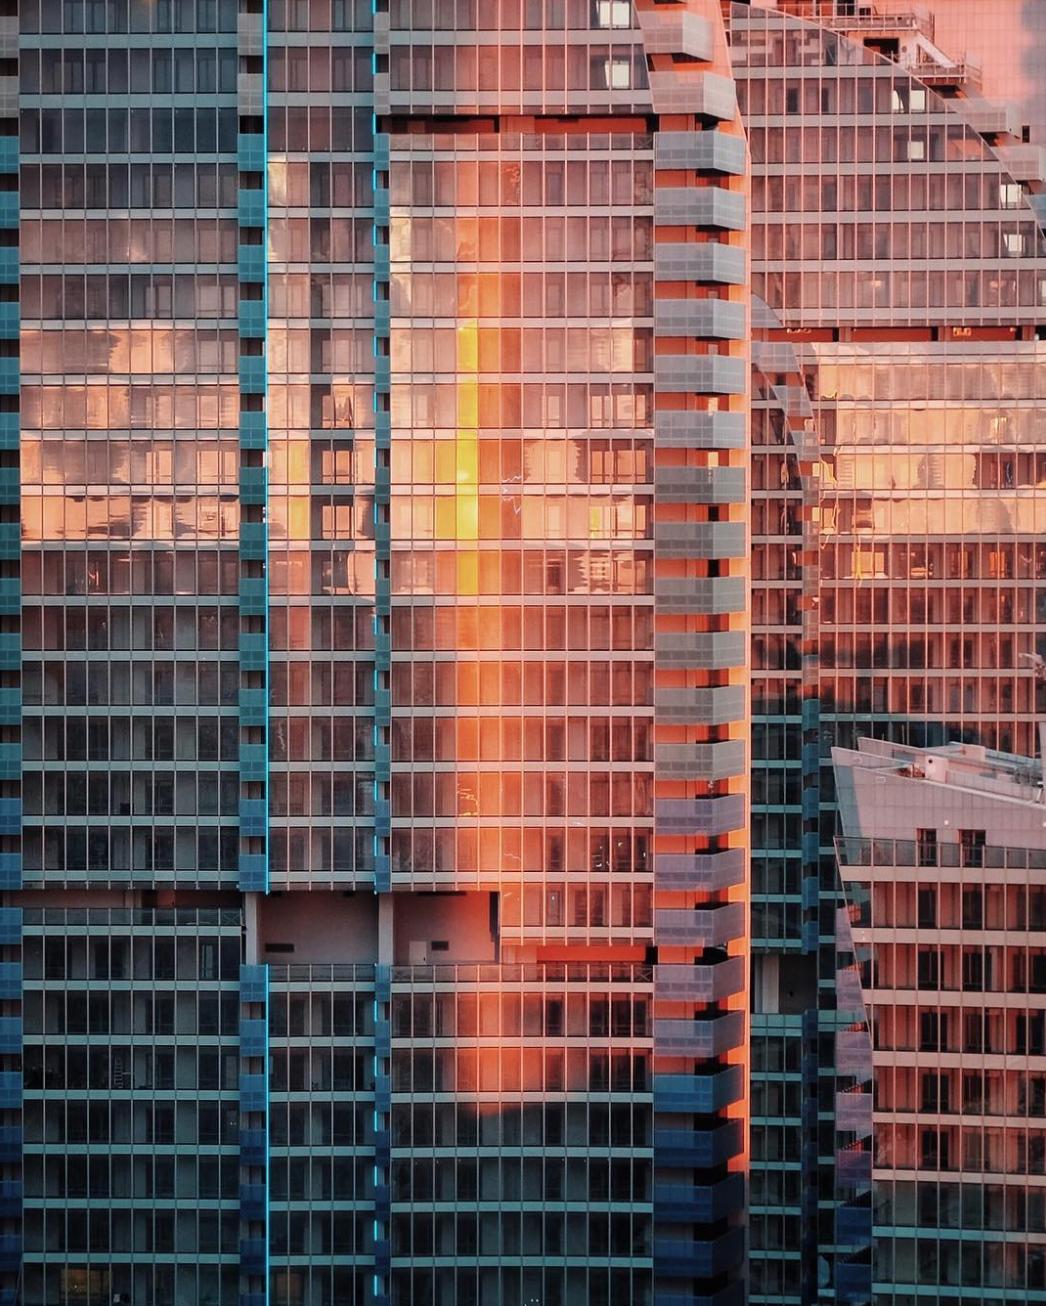 Screen Shot 2019-03-25 at 3.24.49 PM.png